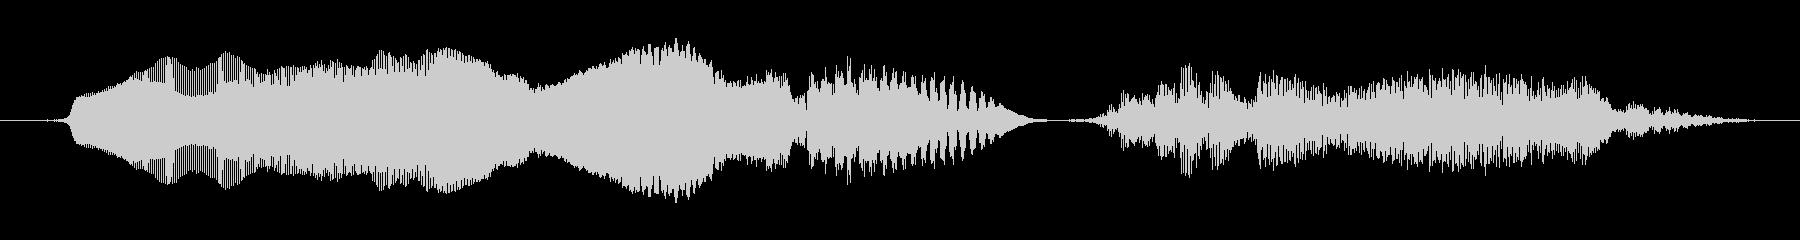 「きゃー!」の未再生の波形